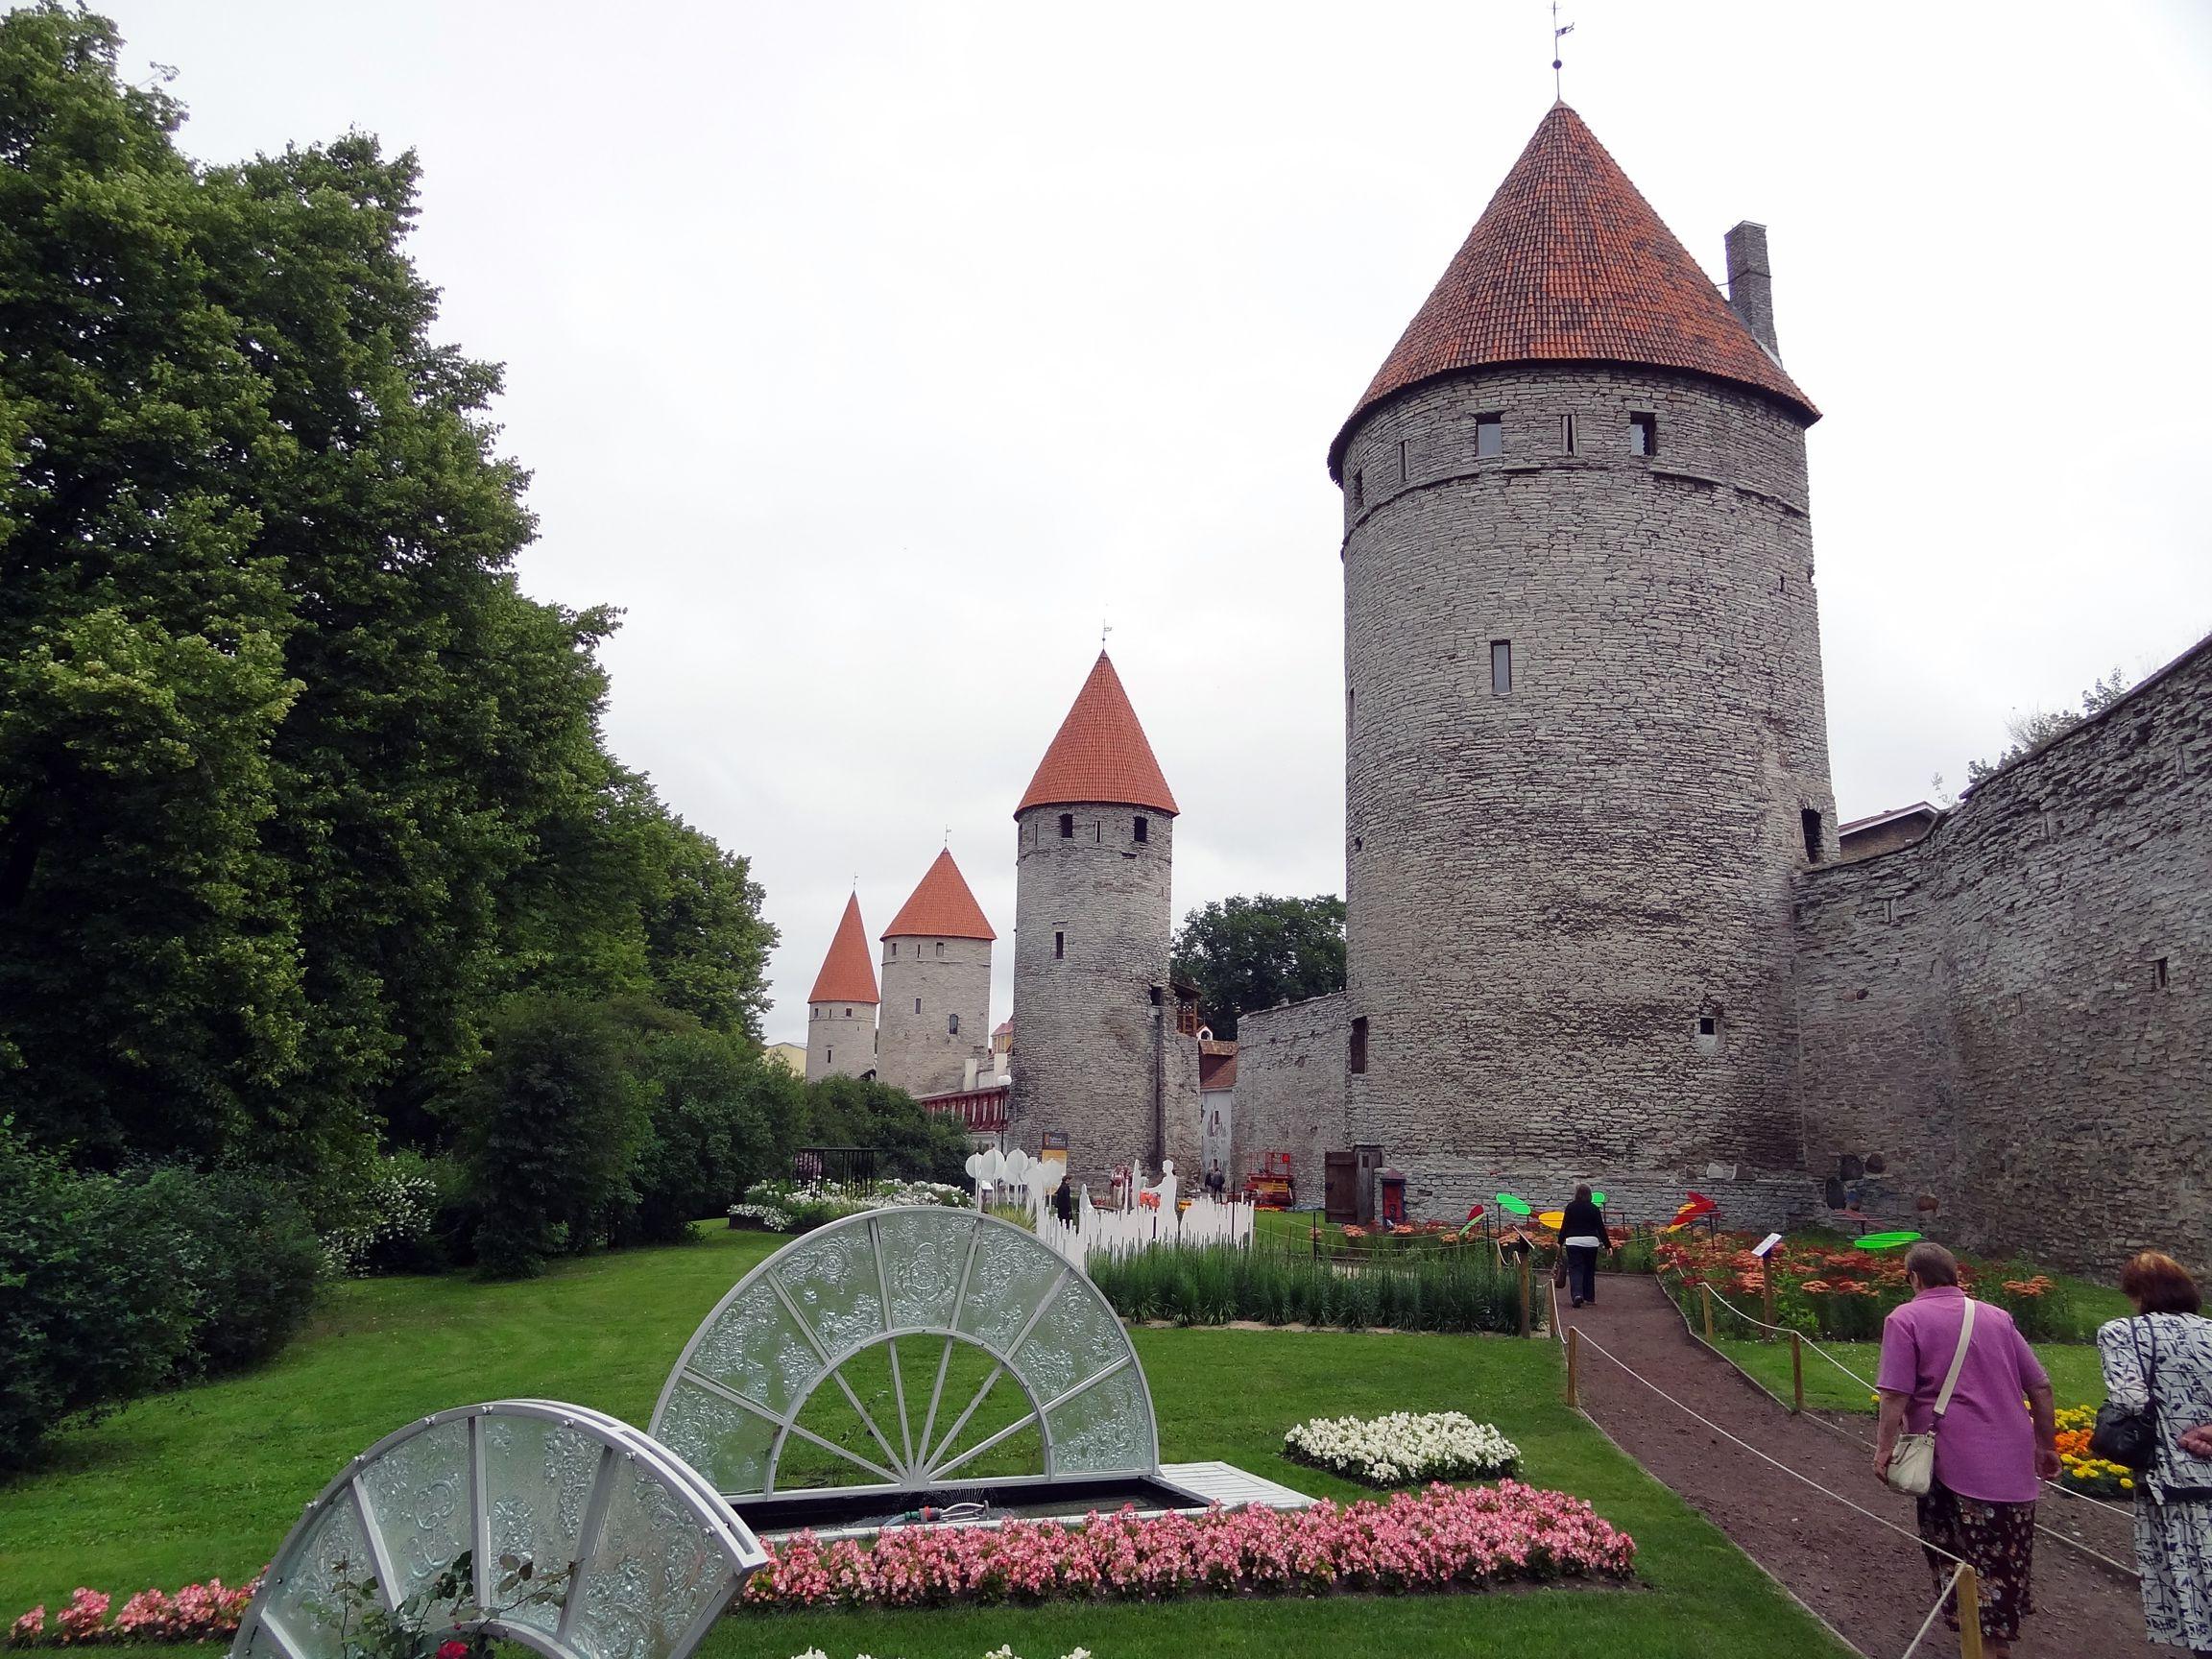 Stadtmauer mit Blumenausstellung